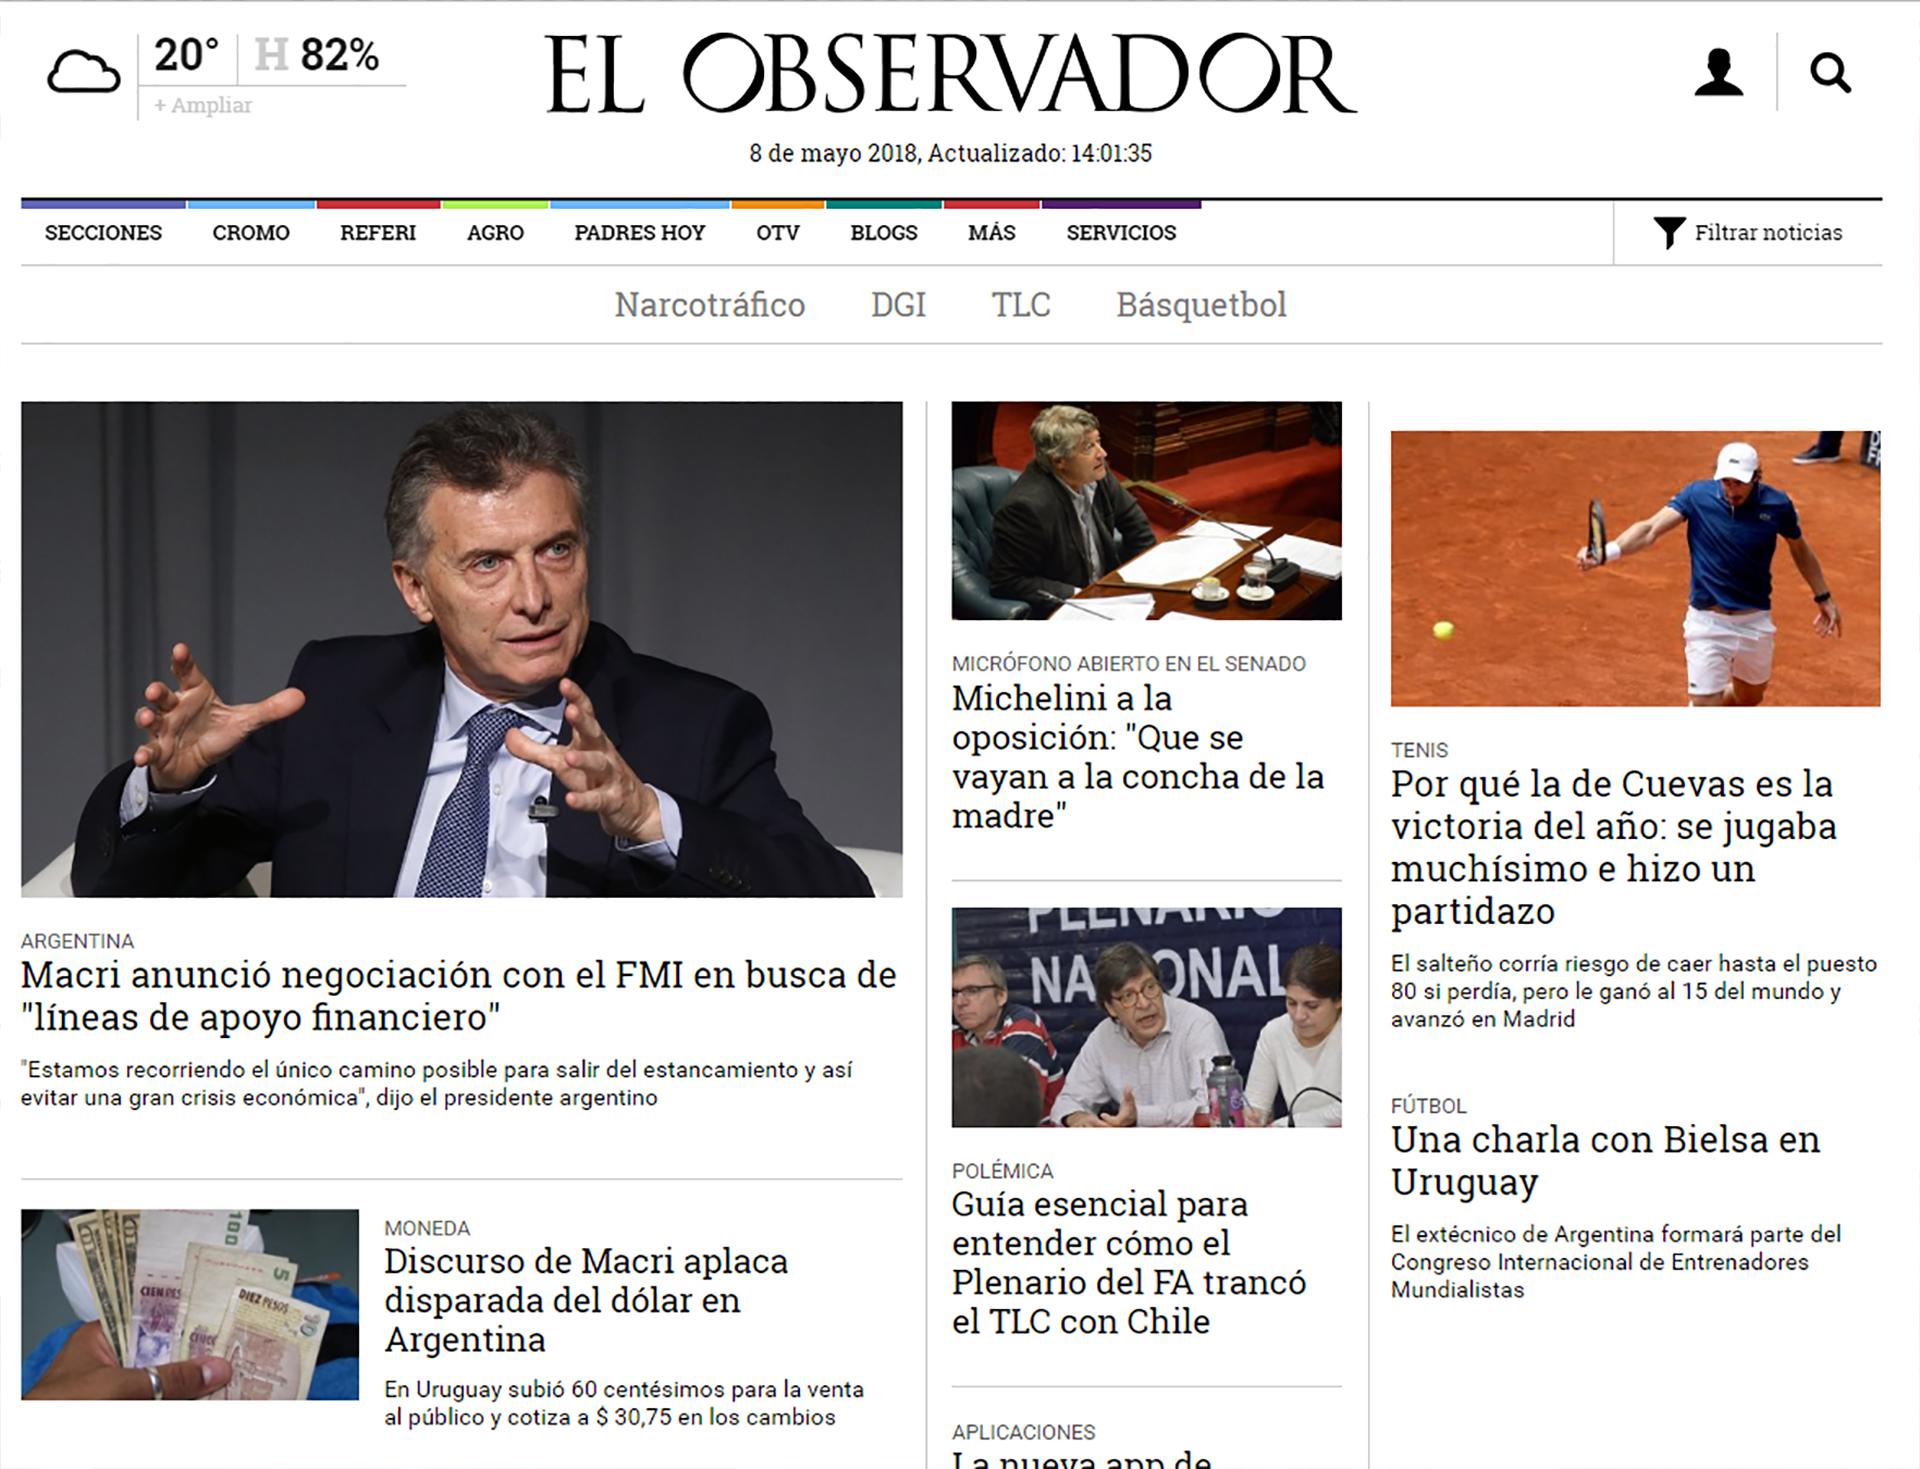 El Observadorde Uruguay